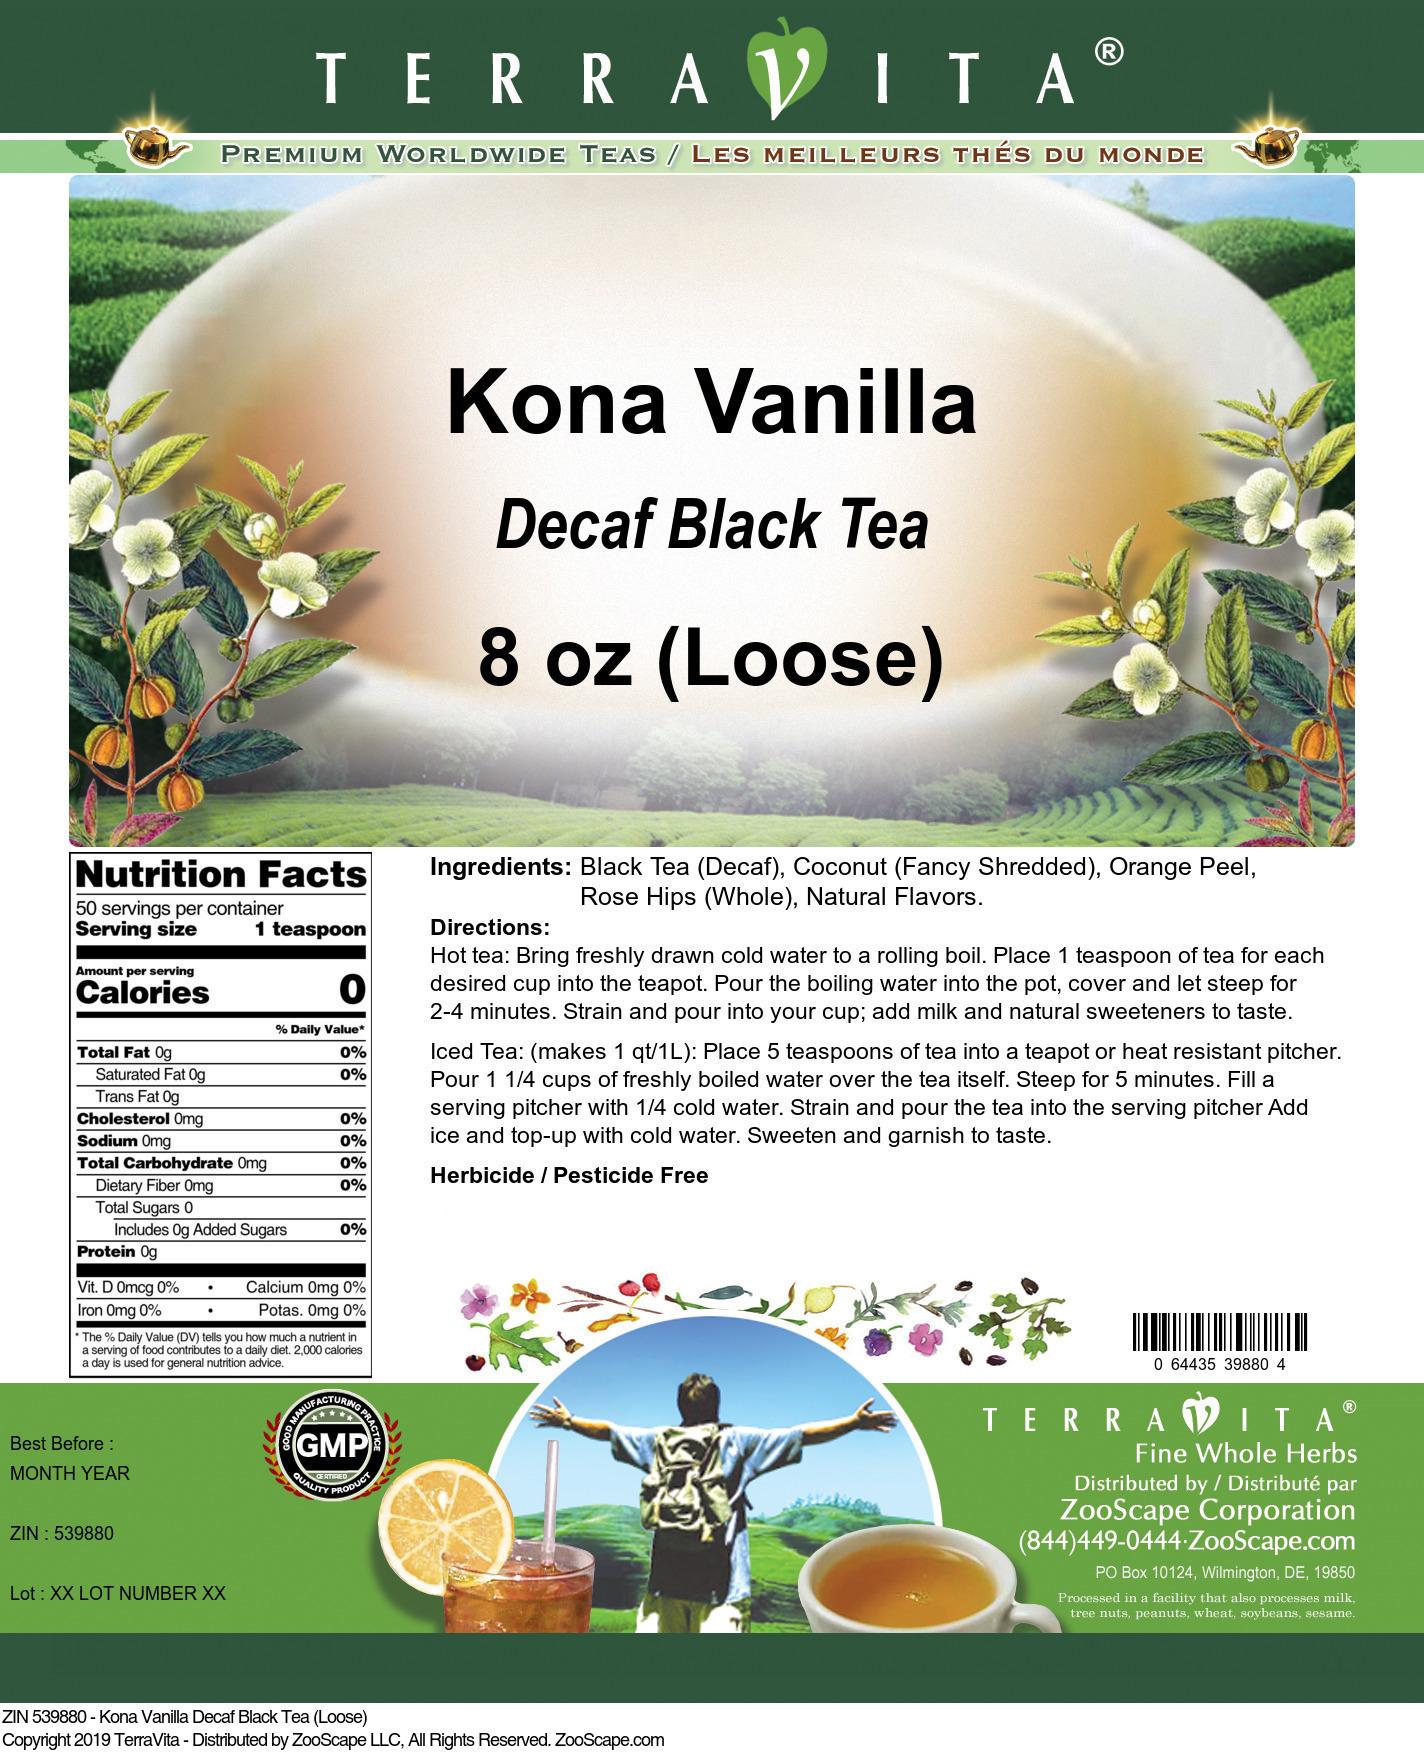 Kona Vanilla Decaf Black Tea (Loose)